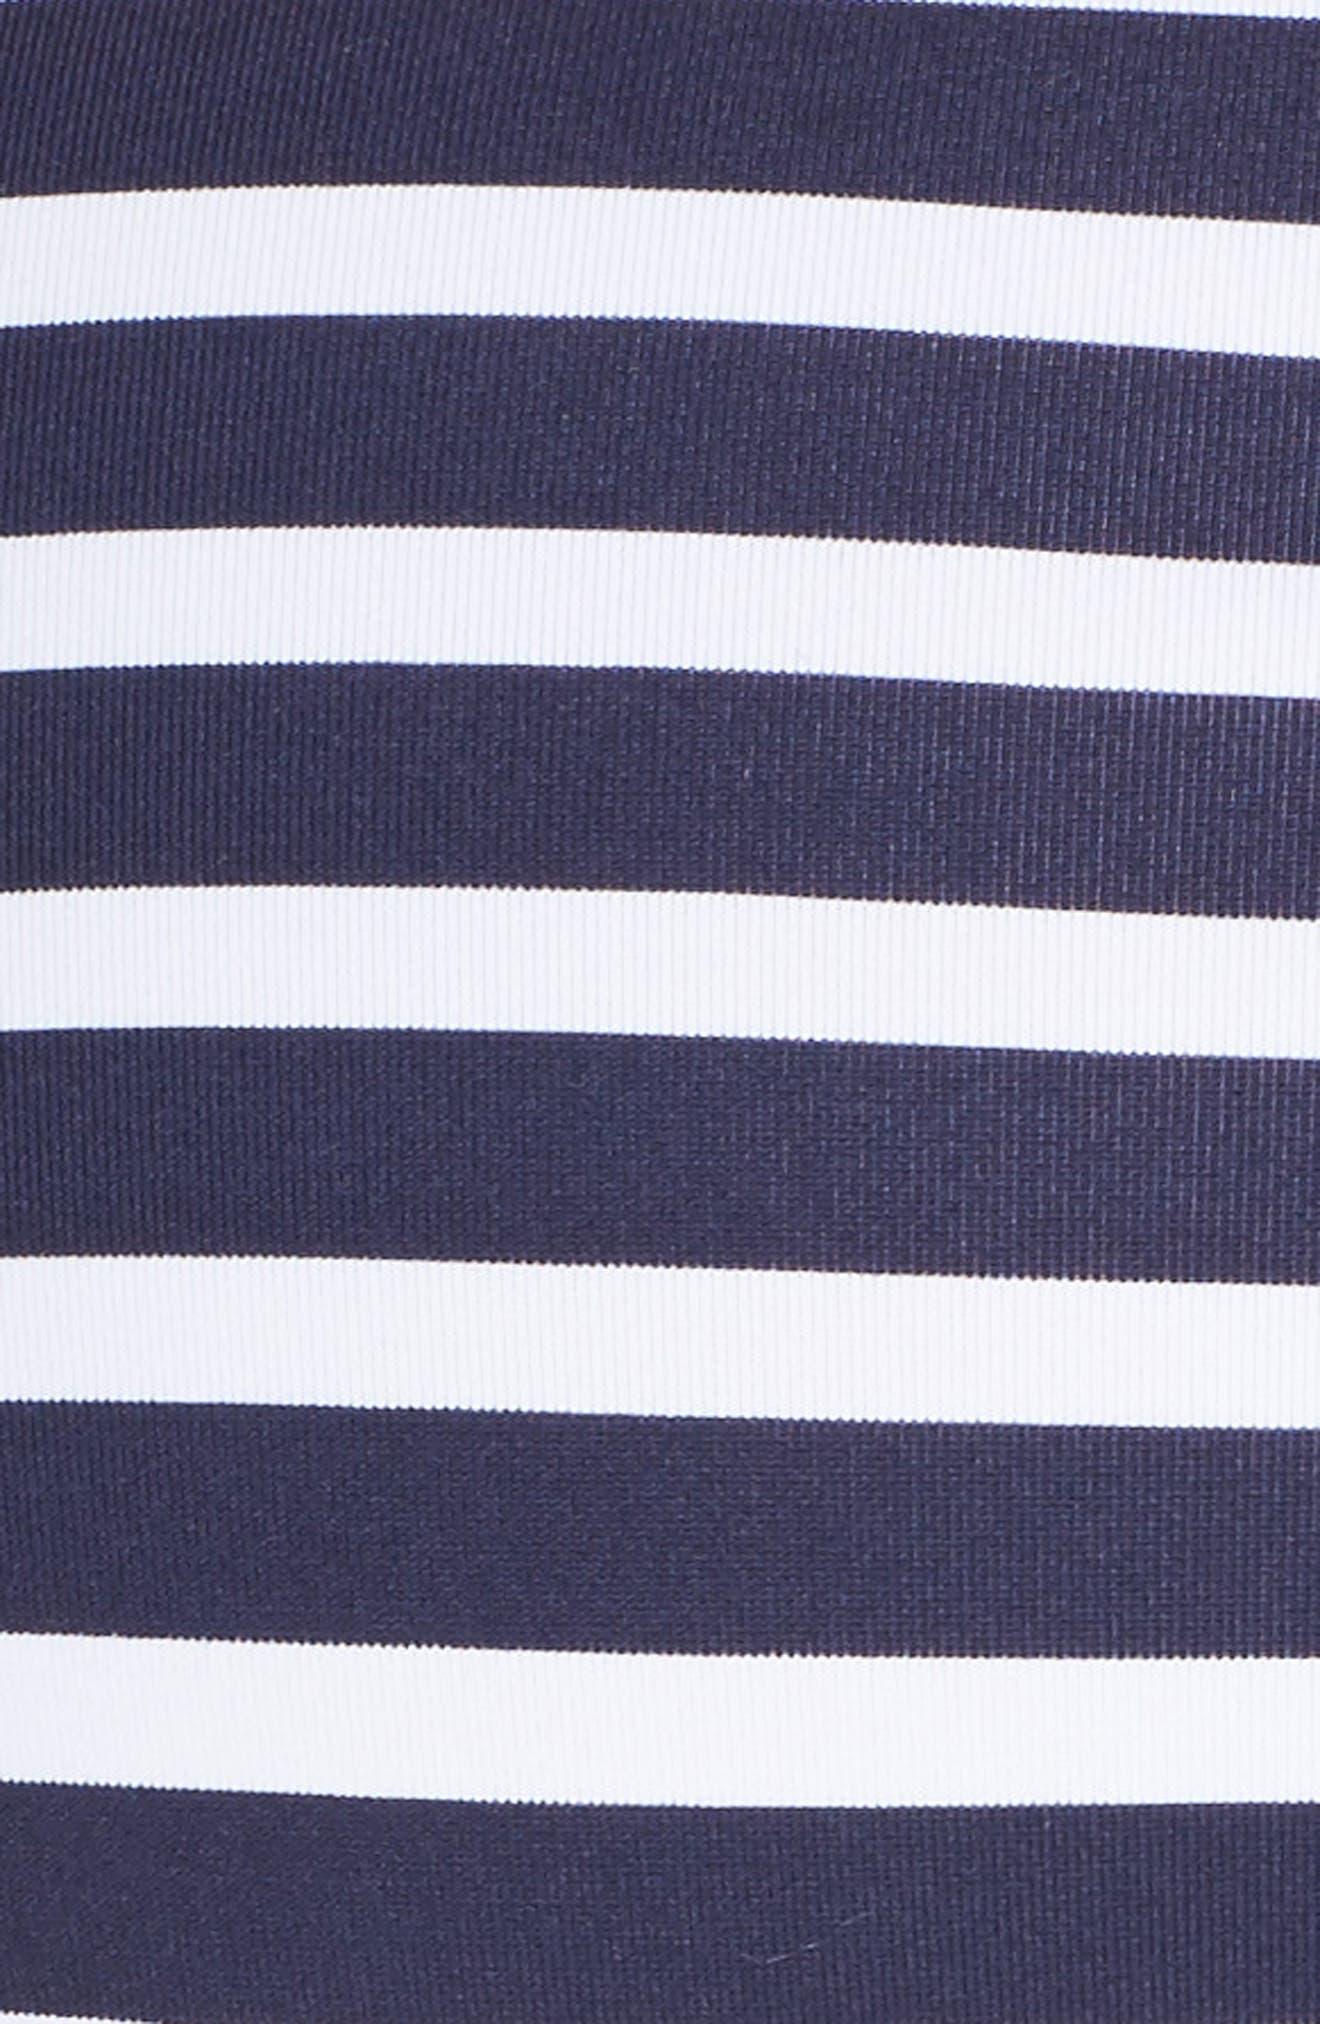 TOMMY BAHAMA,                             Breton Stripe Bikini Top,                             Alternate thumbnail 5, color,                             400